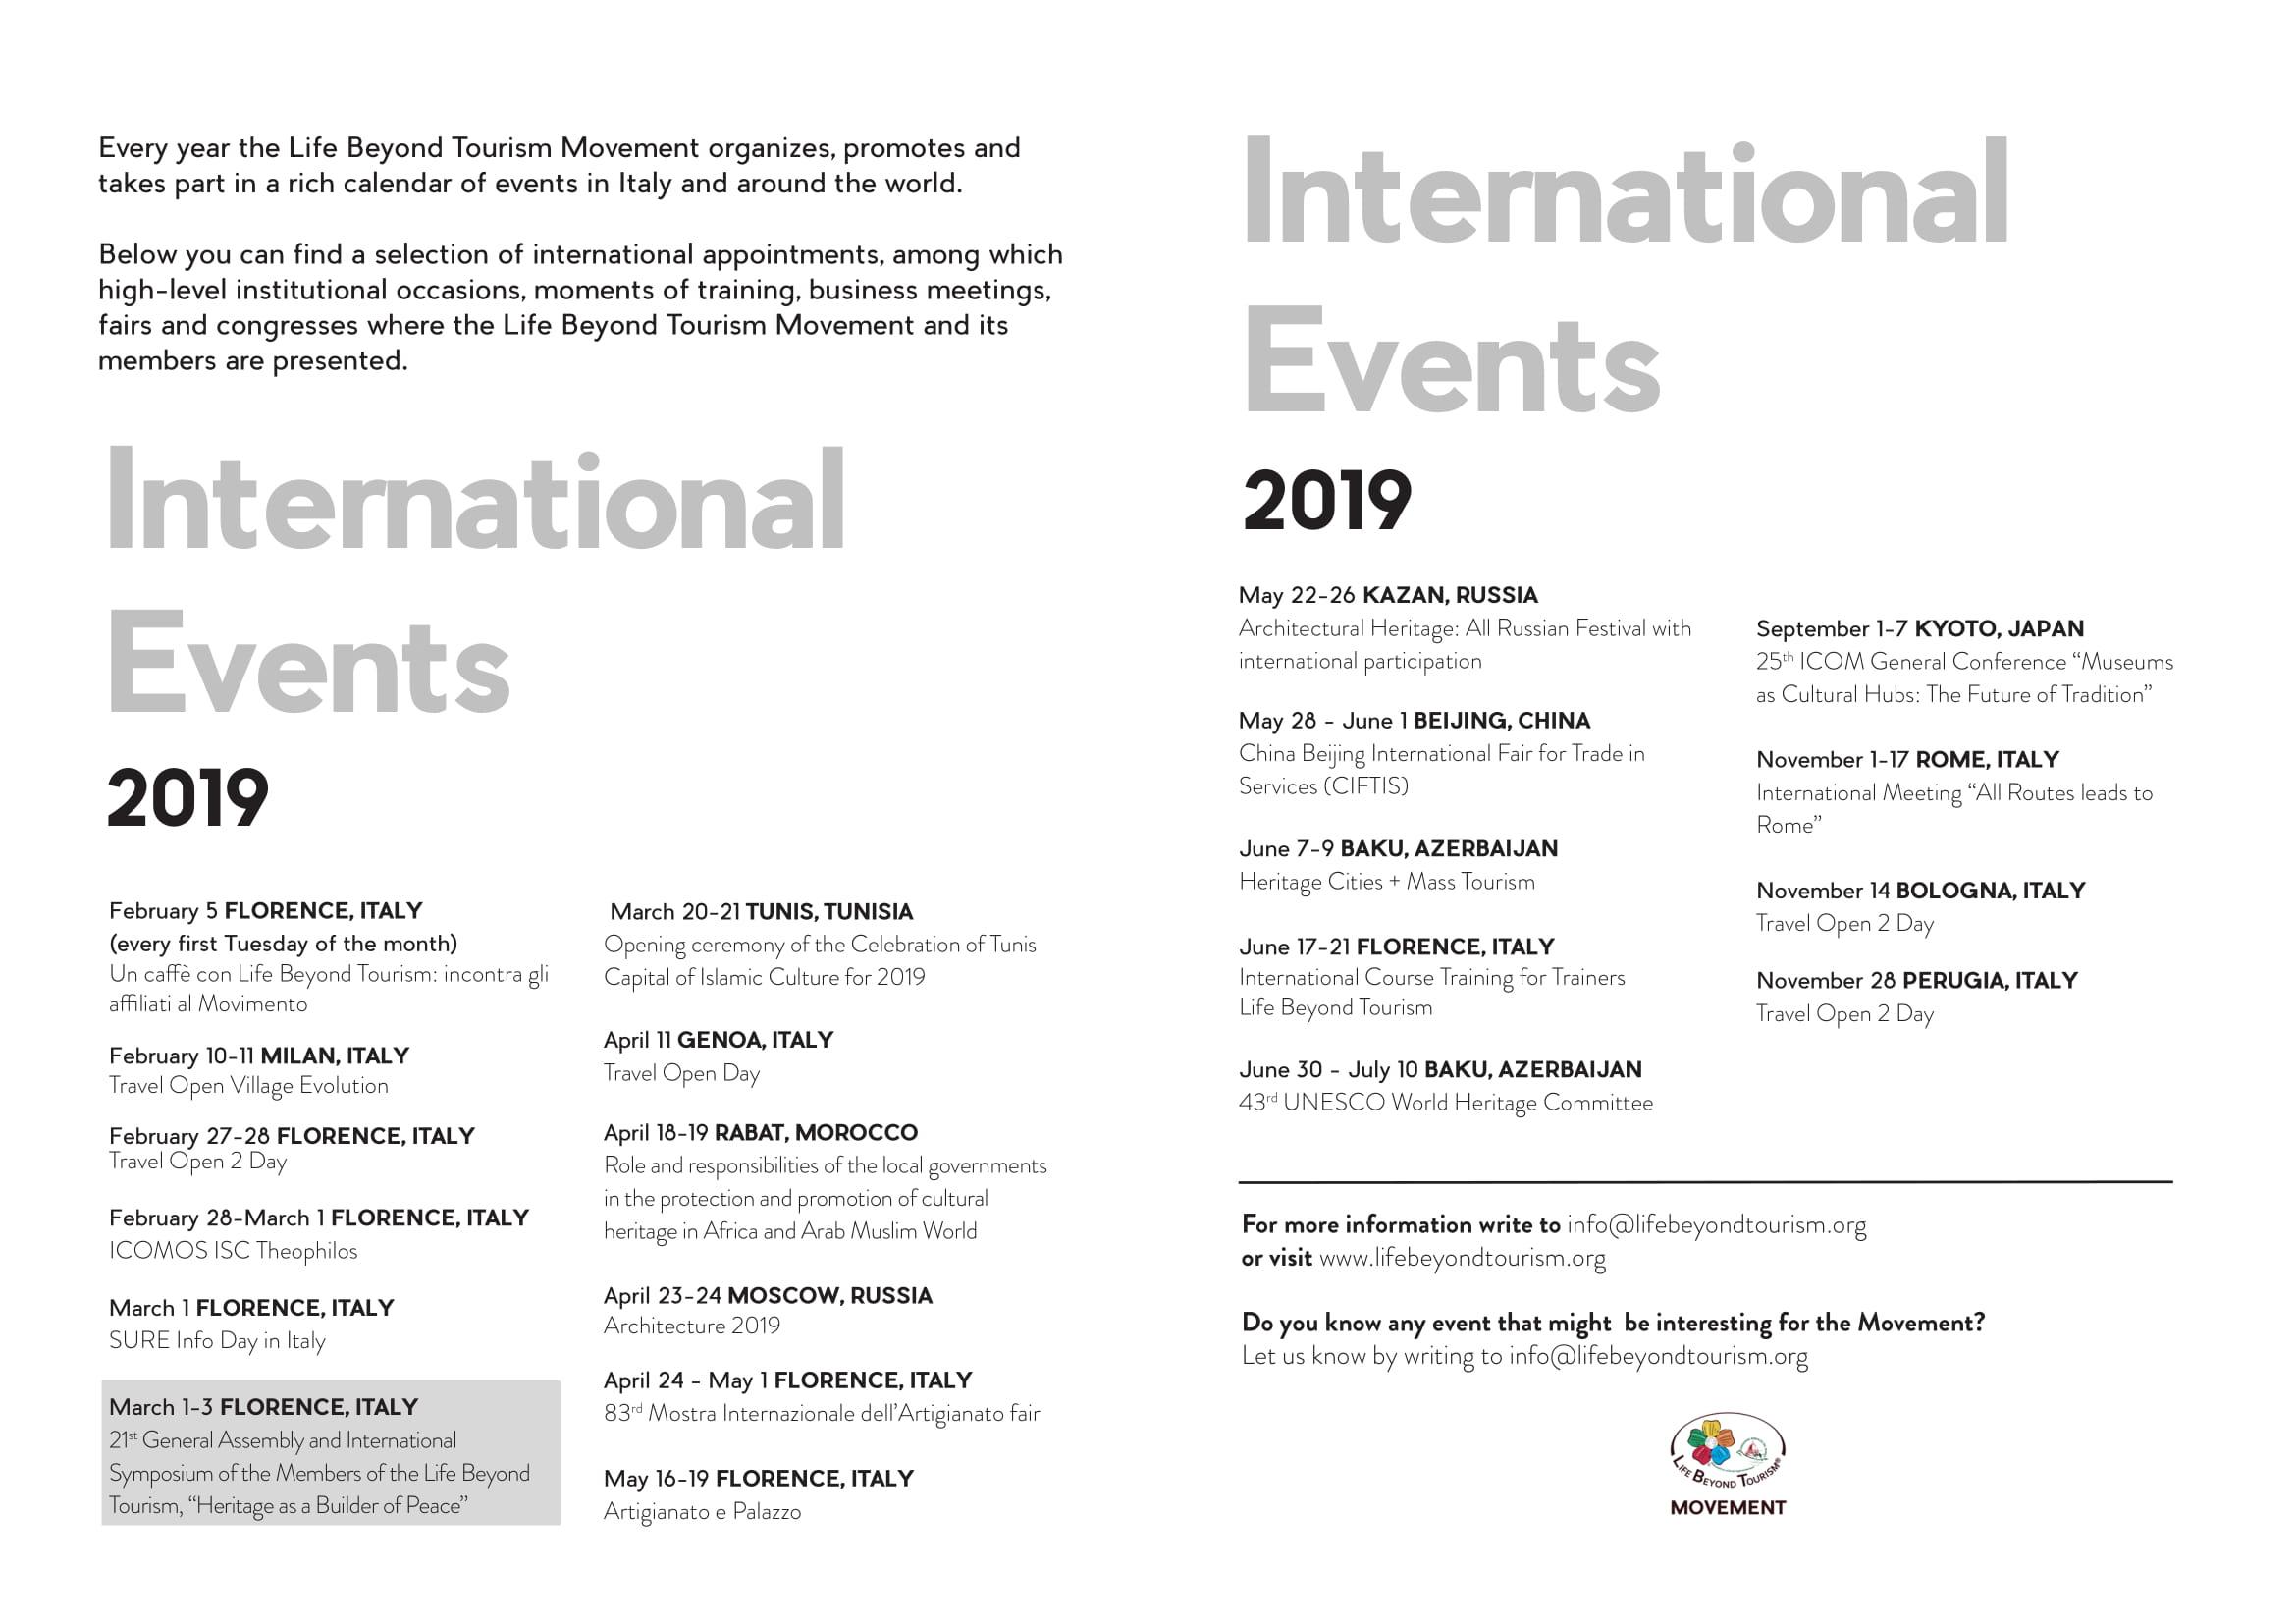 Calendario 2o19.Event Calendar Life Beyond Tourism